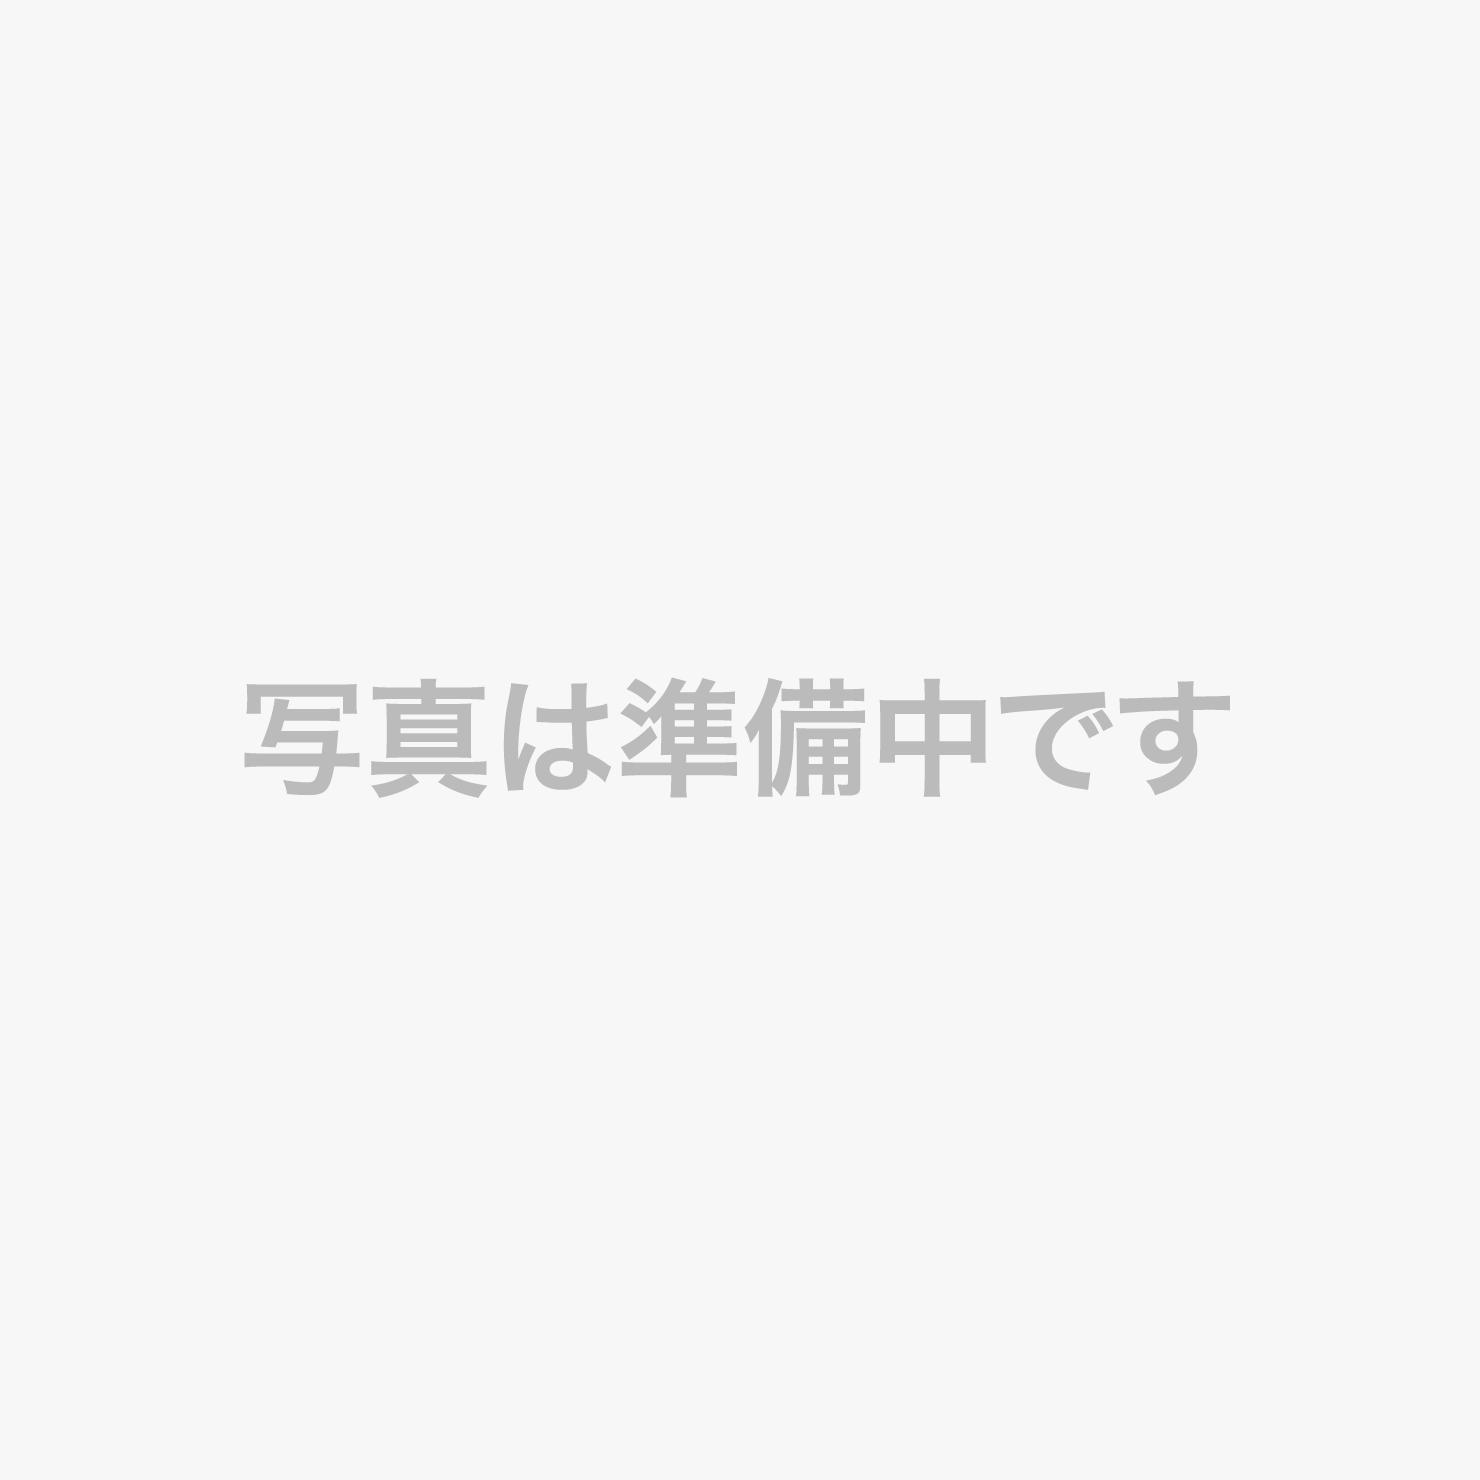 勾当台公園(写真提供:宮城県観光課)